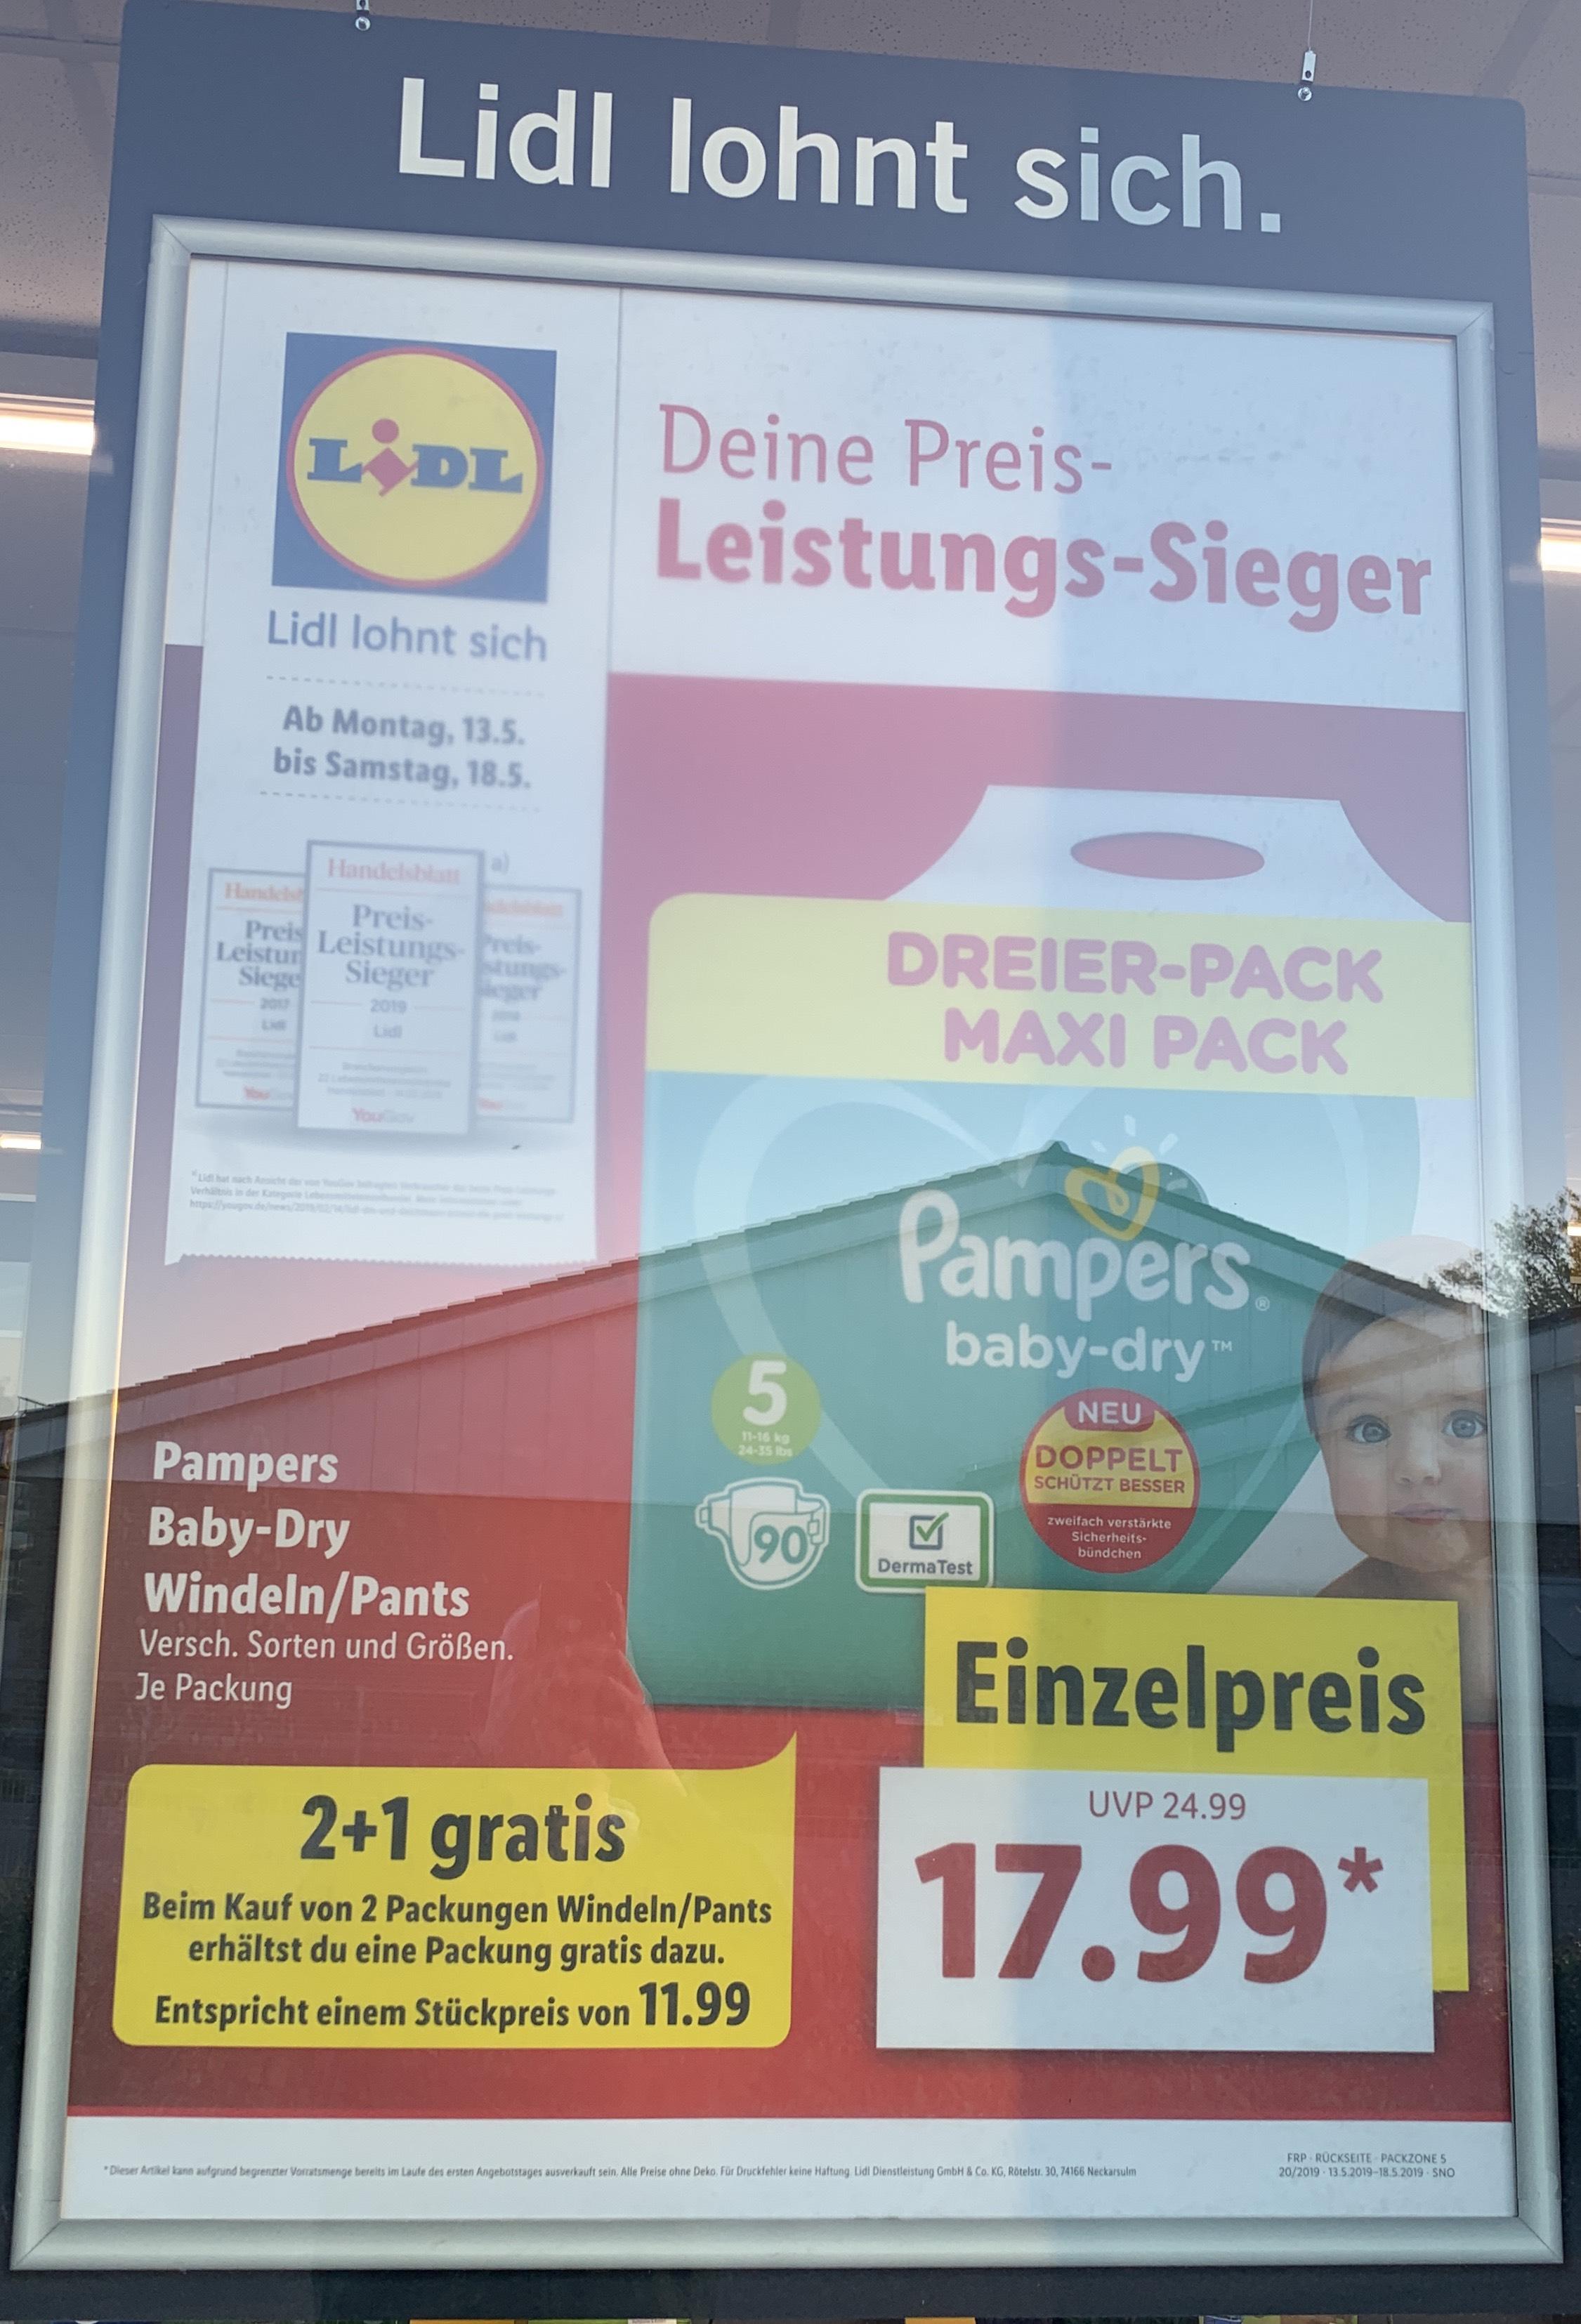 Grensdeal DE: Lidl Pampers Baby Dry